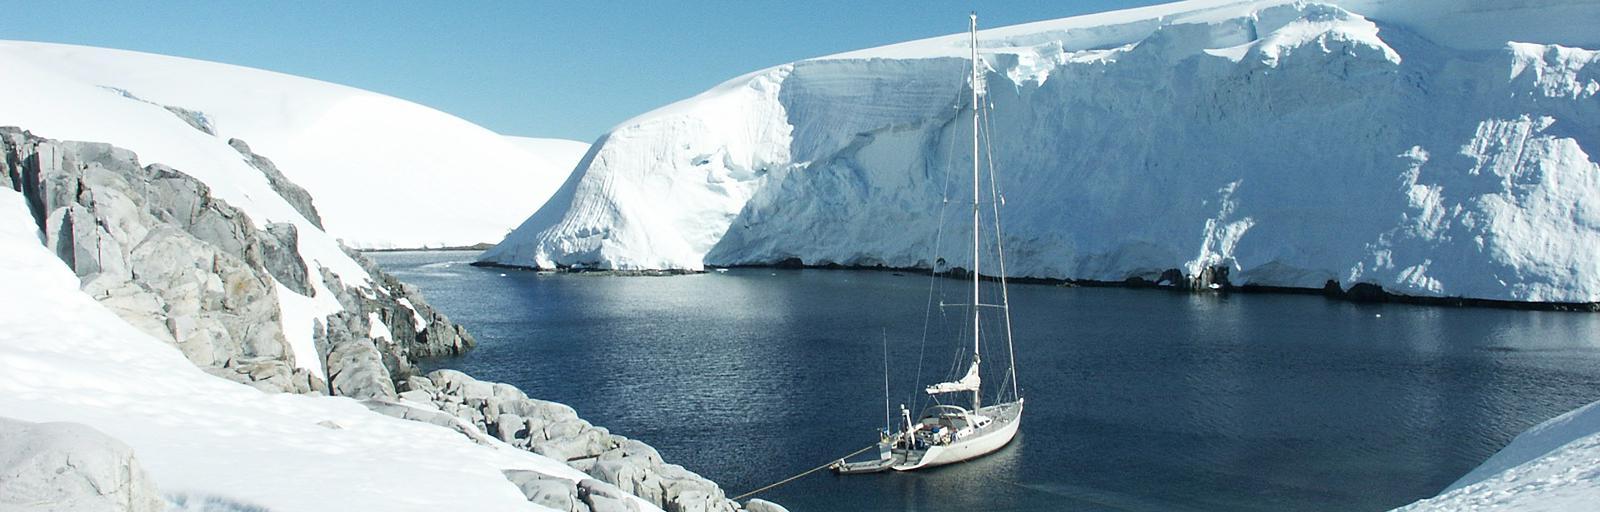 AYC Yachtbrokers - Sloop Vaton 78' quillard de grand voyage